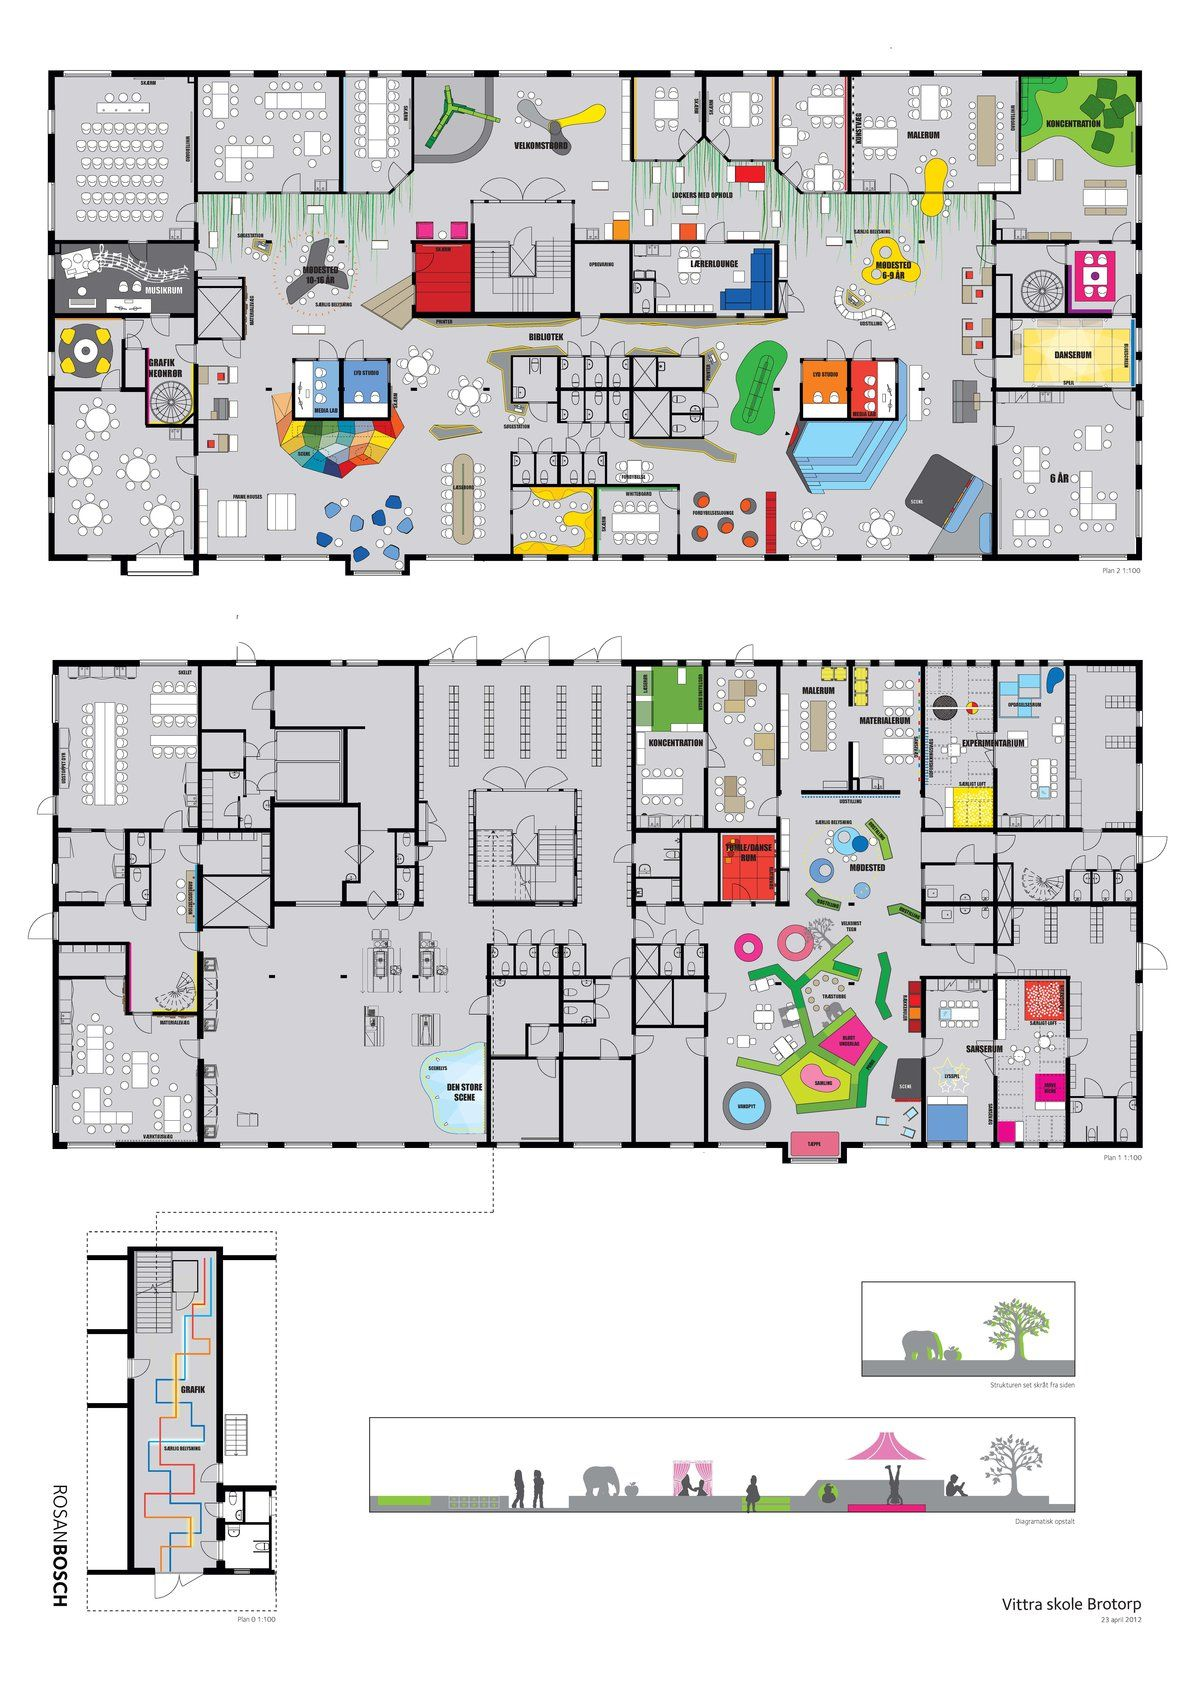 floor plan rosan bosch studio floor plans pinterest studio floor plan rosan bosch studio